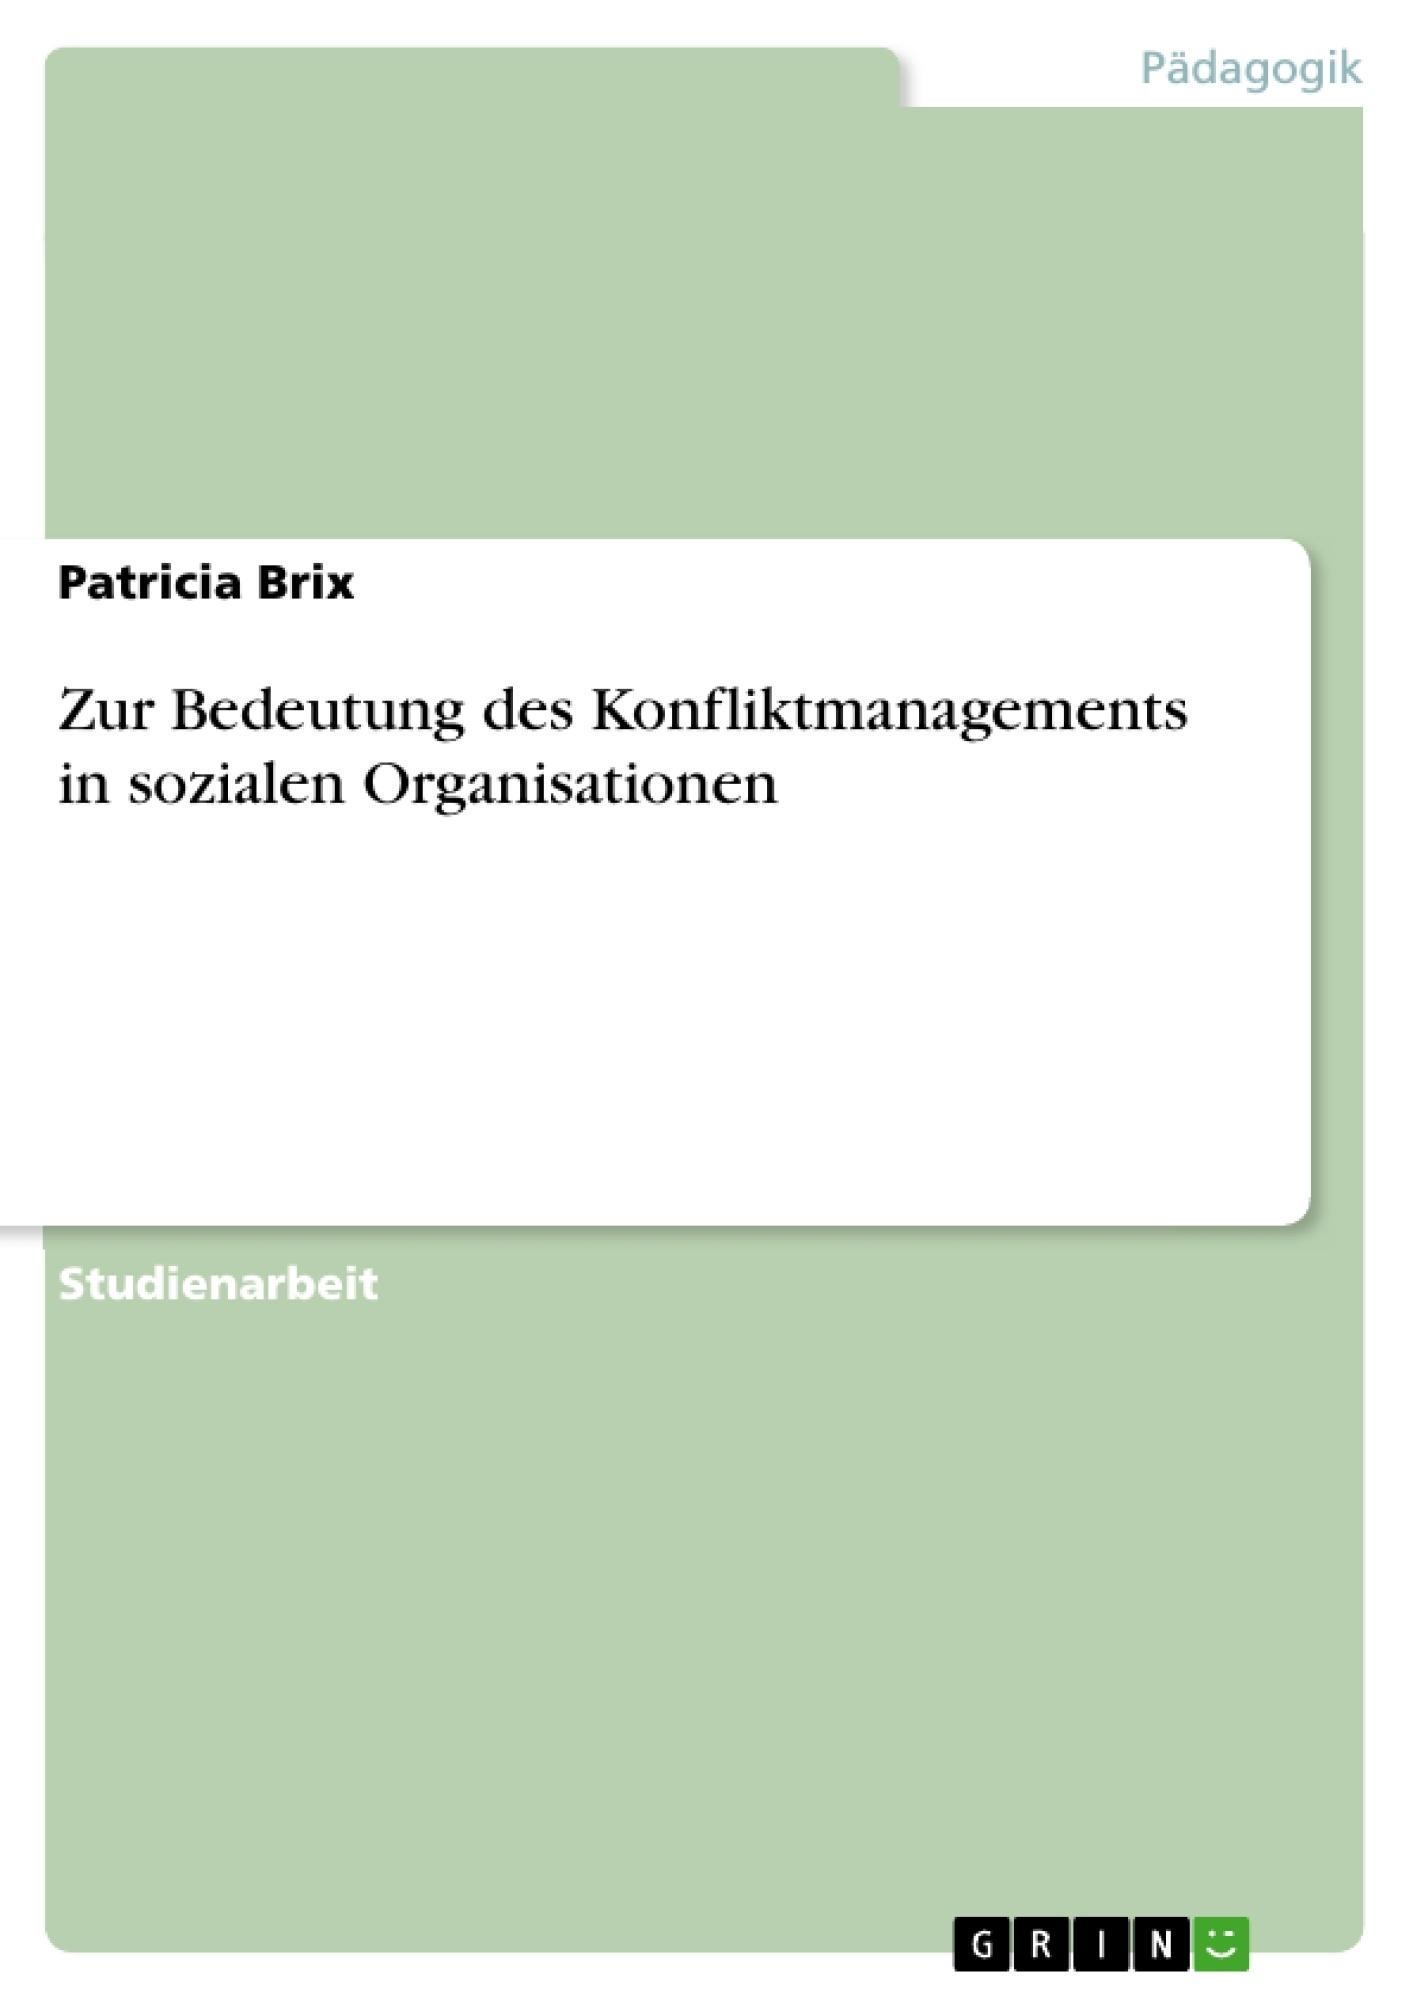 Titel: Zur Bedeutung des Konfliktmanagements in sozialen Organisationen